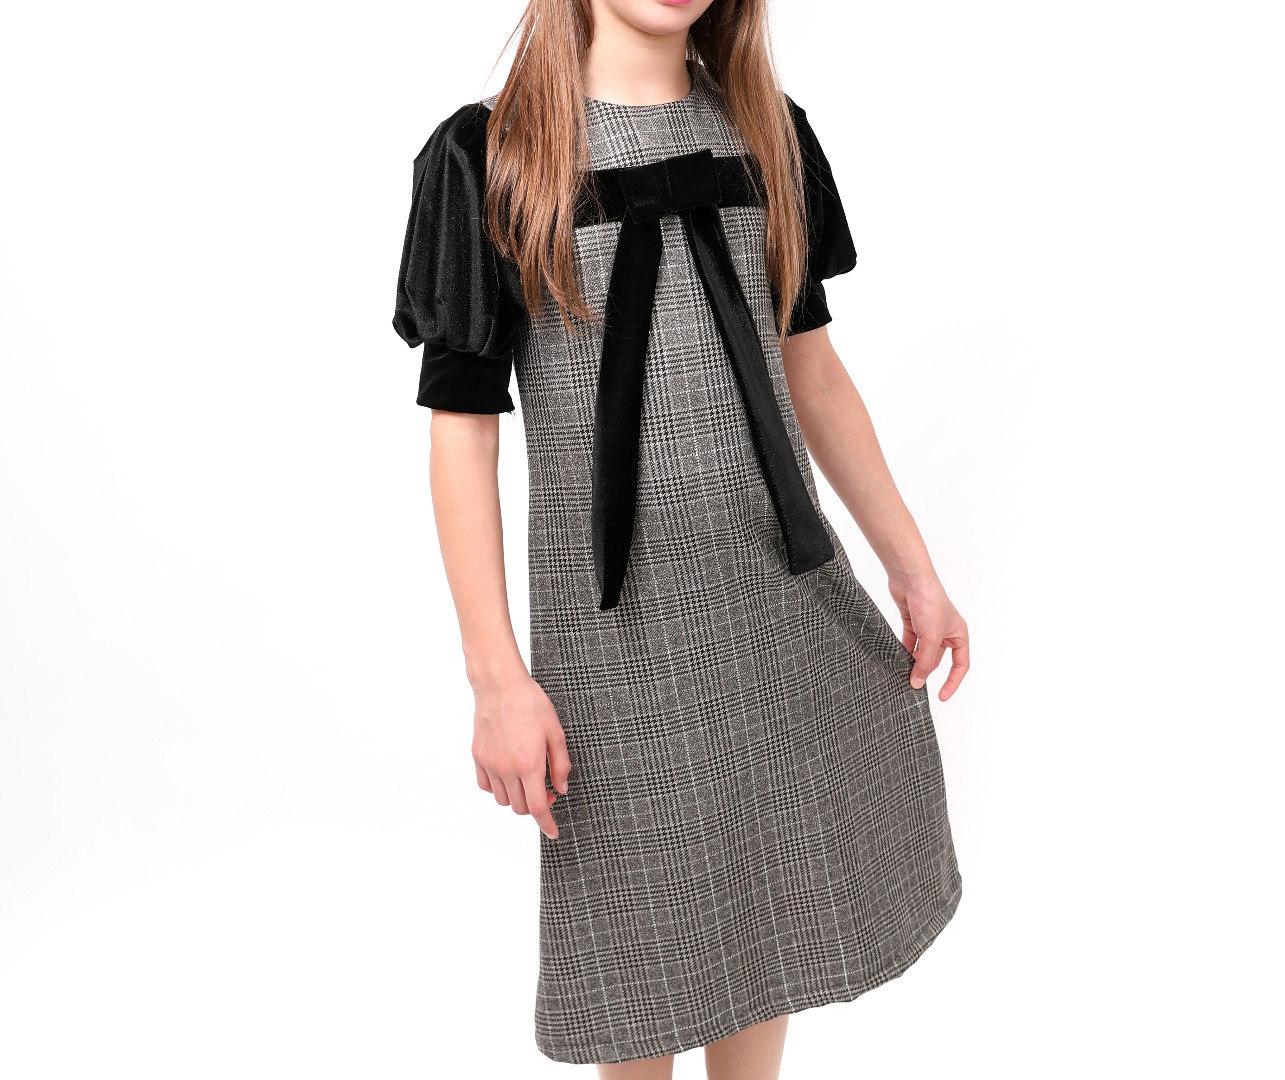 שמלה עלמה שרוול קטיפה malaya | מאליה אופנת ילדים